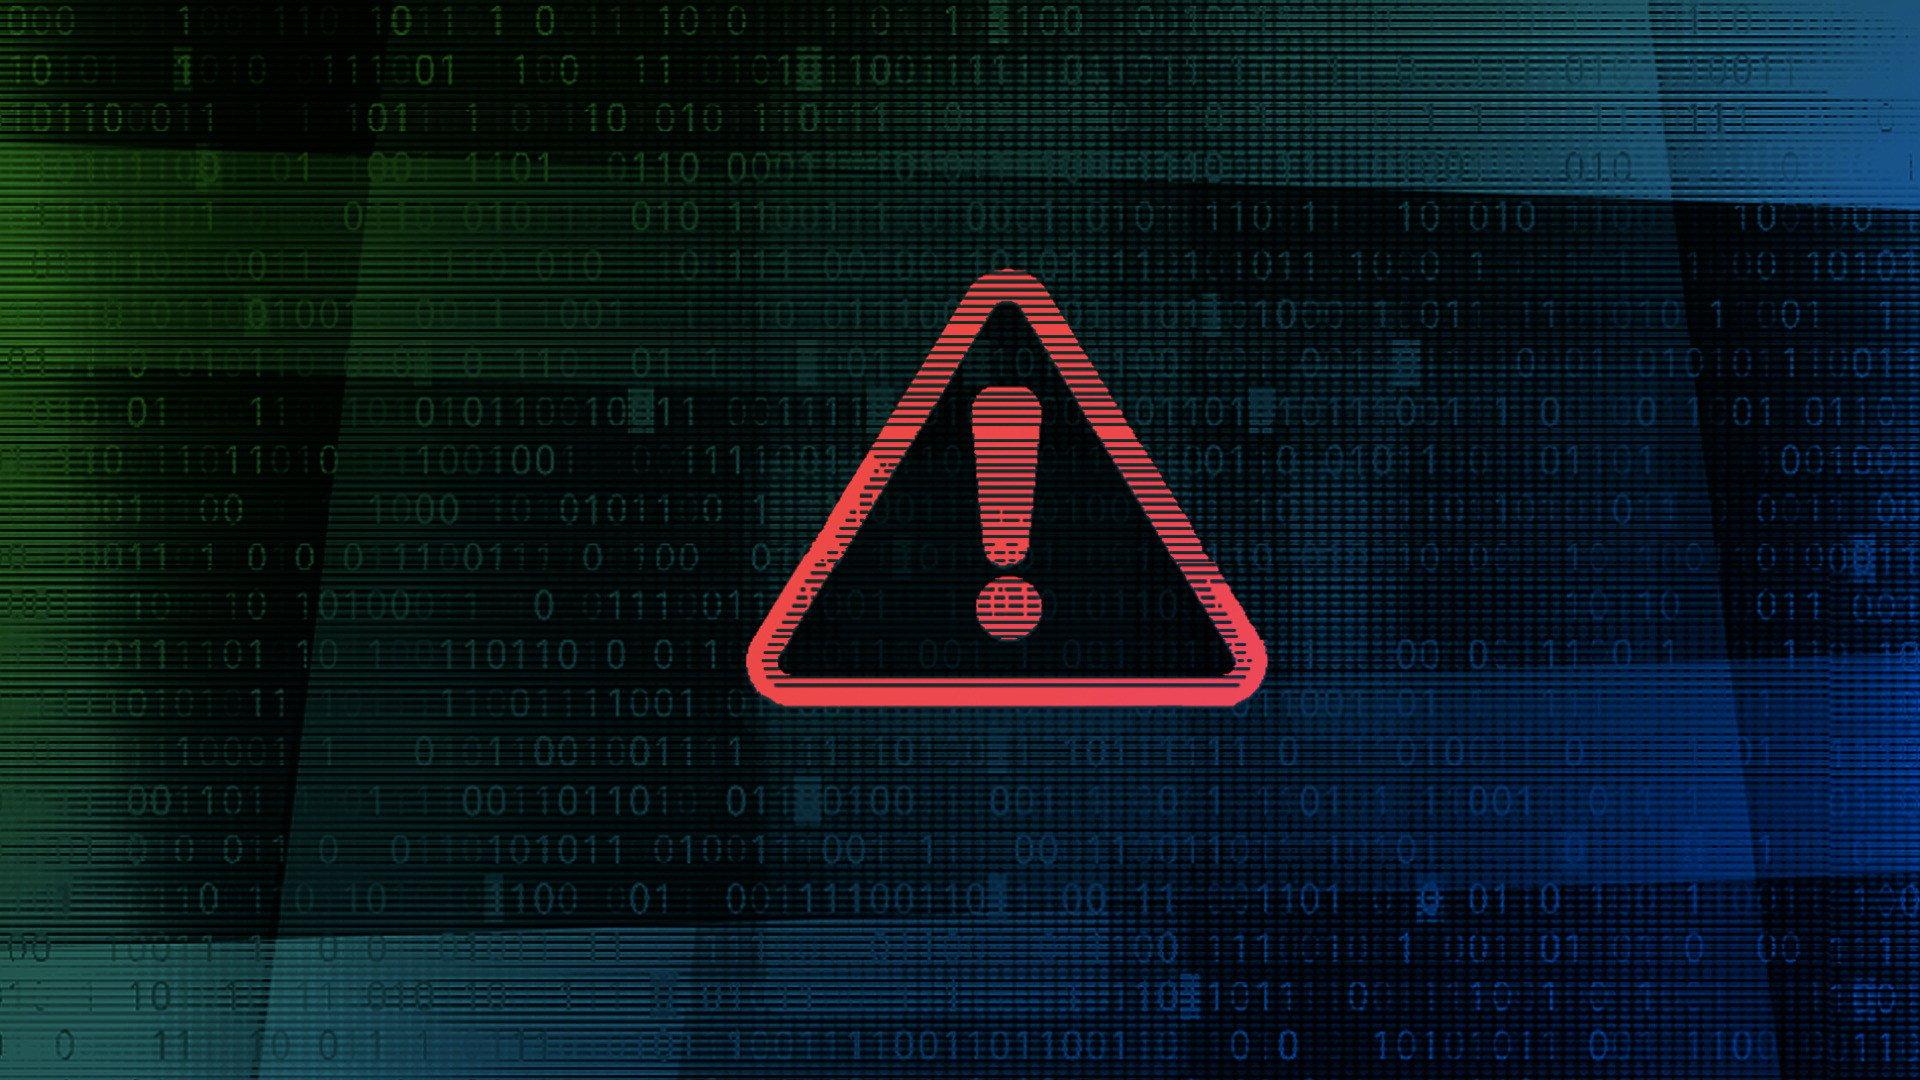 Sicherheit, Sicherheitslücke, Leak, Hacker, Security, Malware, Hack, Angriff, Virus, Trojaner, Kriminalität, Schadsoftware, Exploit, Cybercrime, Cybersecurity, Hacking, Hackerangriff, Internetkriminalität, Warnung, Attack, Ransom, Viren, Schädling, Crime, schloss, Adware, Security Report, Security Bulletin, Achtung, Hinweis, Attantion, Warning, Warn, 110011